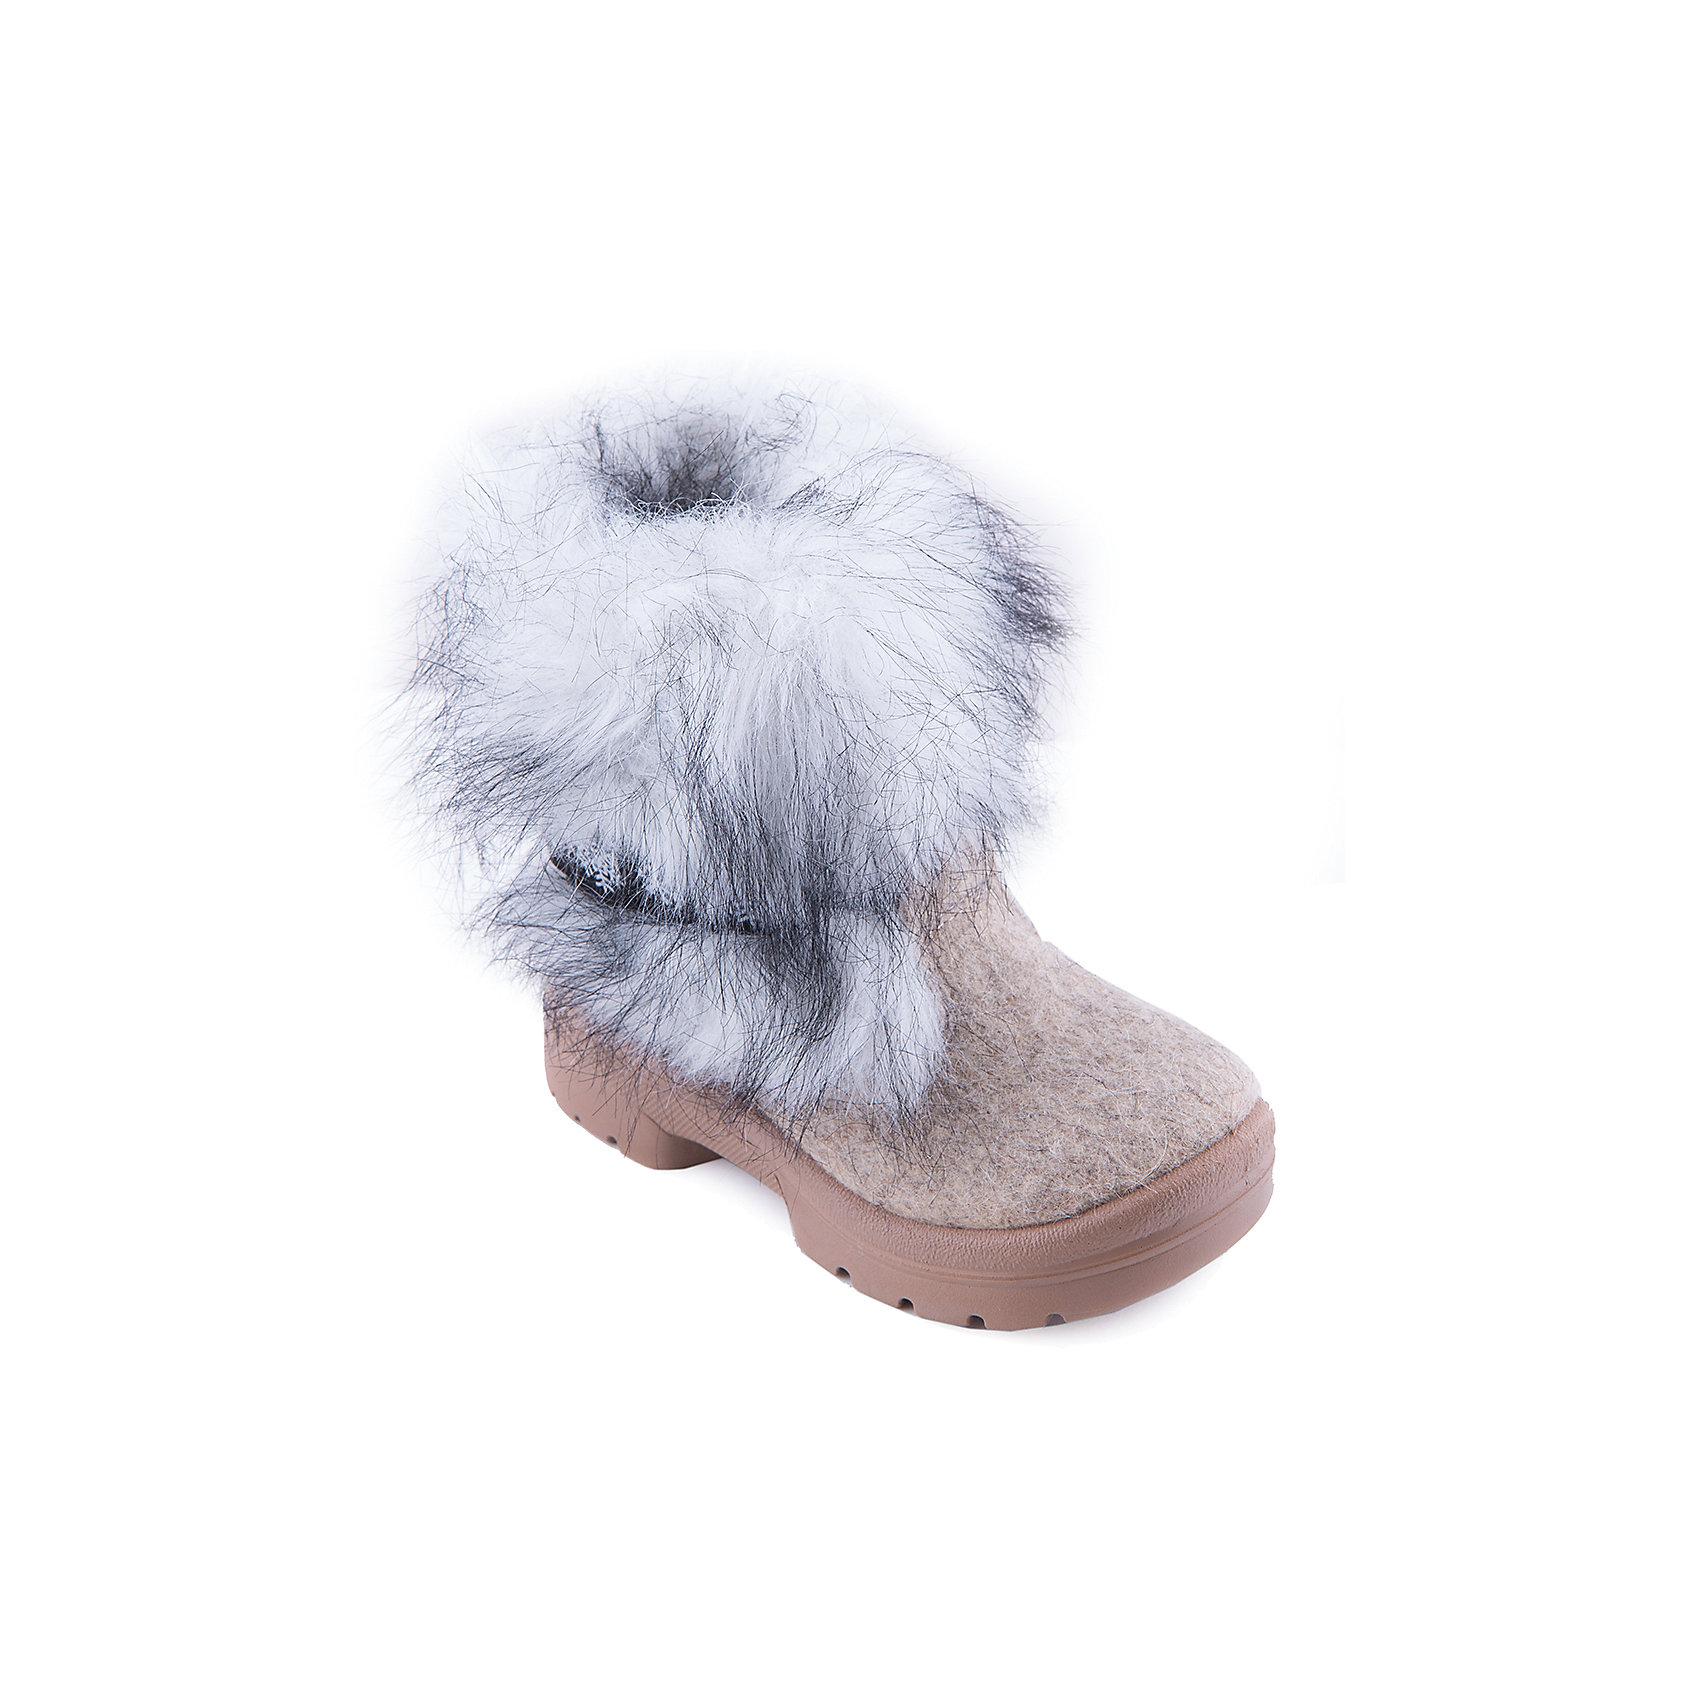 Валенки Ночная сказка ФилипокВаленки<br>Характеристики товара:<br><br>• цвет: серый, белый<br>• температурный режим: от -5° С до -30° С<br>• внешний материал: эко-войлок (натуральная шерсть)<br>• подкладка: натуральная овечья шерсть<br>• стелька: шерстяной войлок (3,5 мм)<br>• подошва: литая, полиуретан<br>• декорированы искусственным мехом<br>• подошва с анти скользящей с системой протектора anti slip<br>• защита носка - натуральная кожа с износостойкой пропиткой<br>• усиленная пятка<br>• толстая устойчивая подошва<br>• страна бренда: РФ<br>• страна изготовитель: РФ<br><br>Очень теплые и удобные валенки для ребенка от известного бренда детской обуви Филипок созданы специально для русской зимы. Качественные материалы с пропиткой против попадания воды внутрь и модный дизайн понравятся и малышам и их родителям. Подошва и стелька обеспечат ребенку комфорт, сухость и тепло, позволяя в полной мере наслаждаться зимним отдыхом. Усиленная защита пятки и носка обеспечивает дополнительную безопасность детских ног в этих сапожках.<br>Эта красивая и удобная обувь прослужит долго благодаря отличному качеству. Производитель анти скользящее покрытие и амортизирующие свойства подошвы! Модель производится из качественных и проверенных материалов, которые безопасны для детей.<br><br>Валенки от бренда Филипок можно купить в нашем интернет-магазине.<br><br>Ширина мм: 257<br>Глубина мм: 180<br>Высота мм: 130<br>Вес г: 420<br>Цвет: серый/белый<br>Возраст от месяцев: 84<br>Возраст до месяцев: 96<br>Пол: Унисекс<br>Возраст: Детский<br>Размер: 31,29,28,27,25,24,30,32,26<br>SKU: 3341821